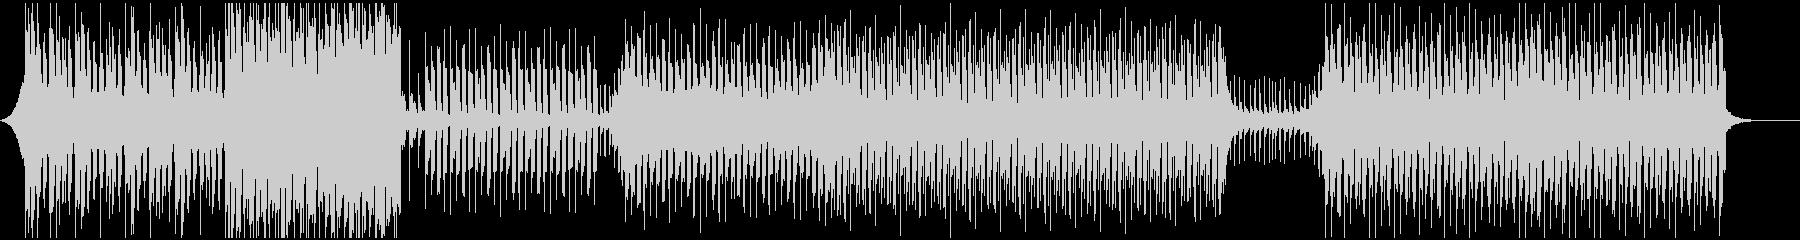 スタイリッシュなトロピカルハウスの未再生の波形